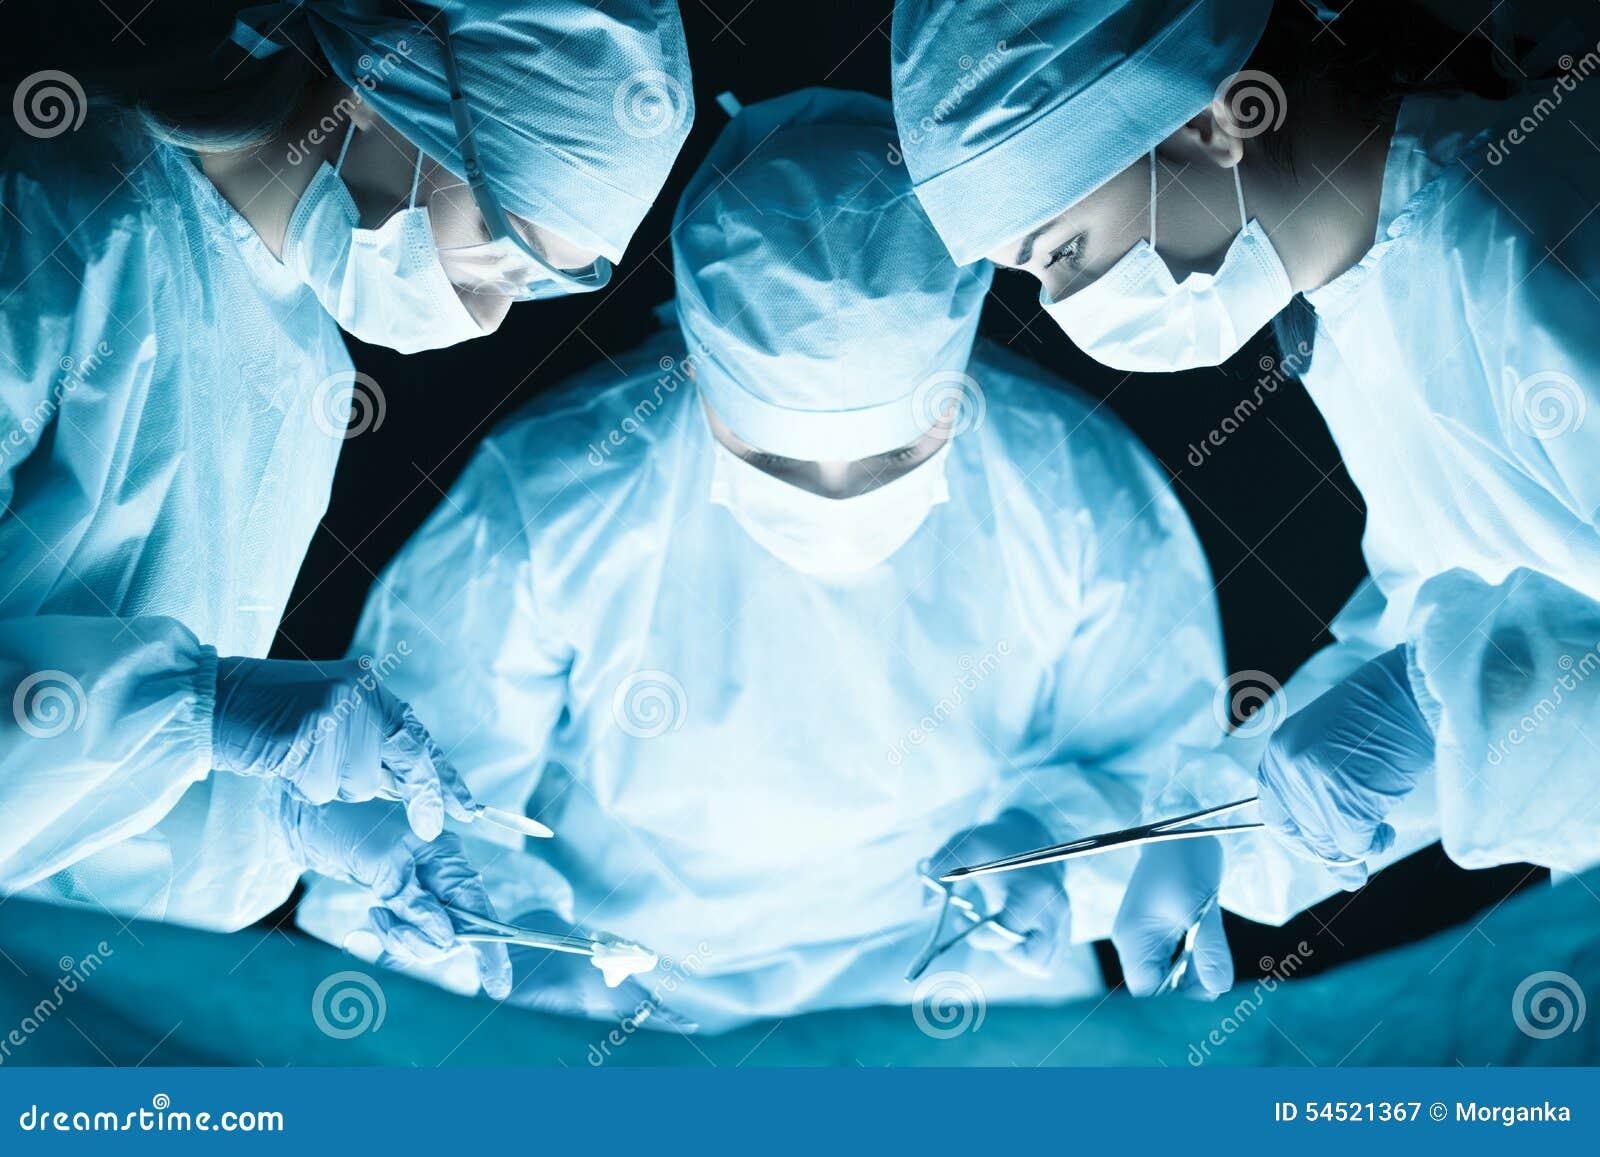 Ιατρική ομάδα που εκτελεί τη λειτουργία